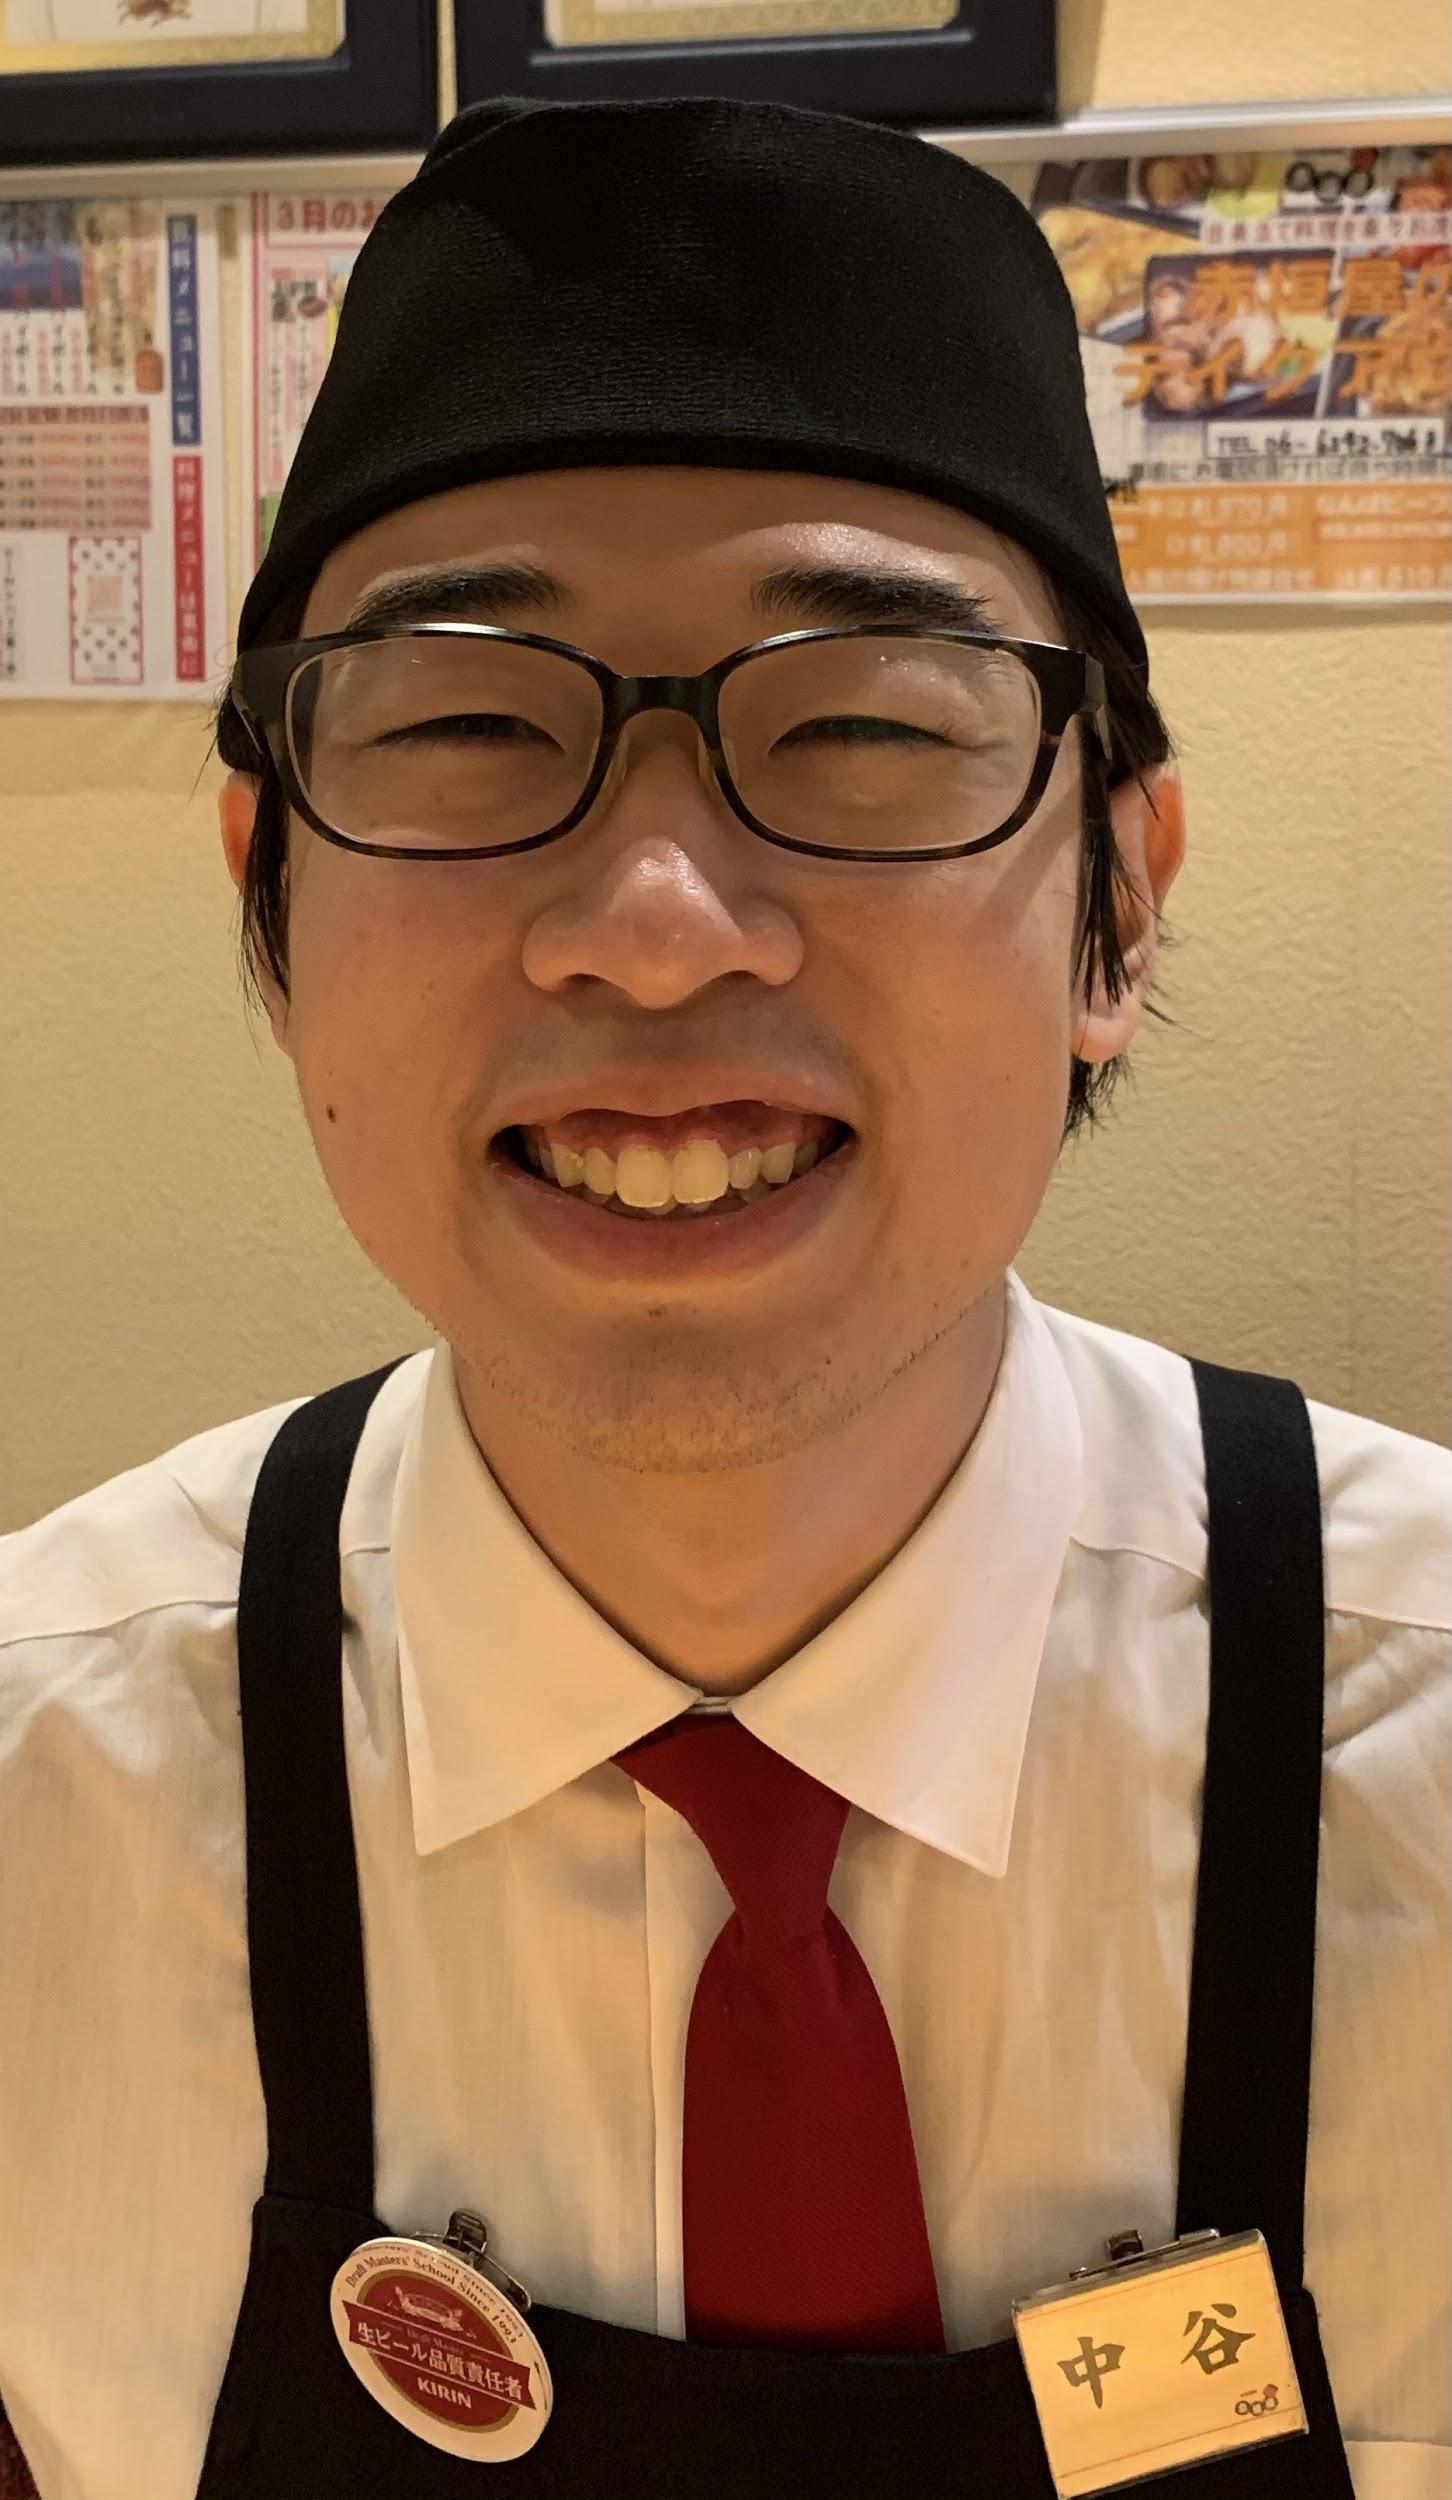 京橋店 スタッフ:中谷 颯(先生、はーくん)